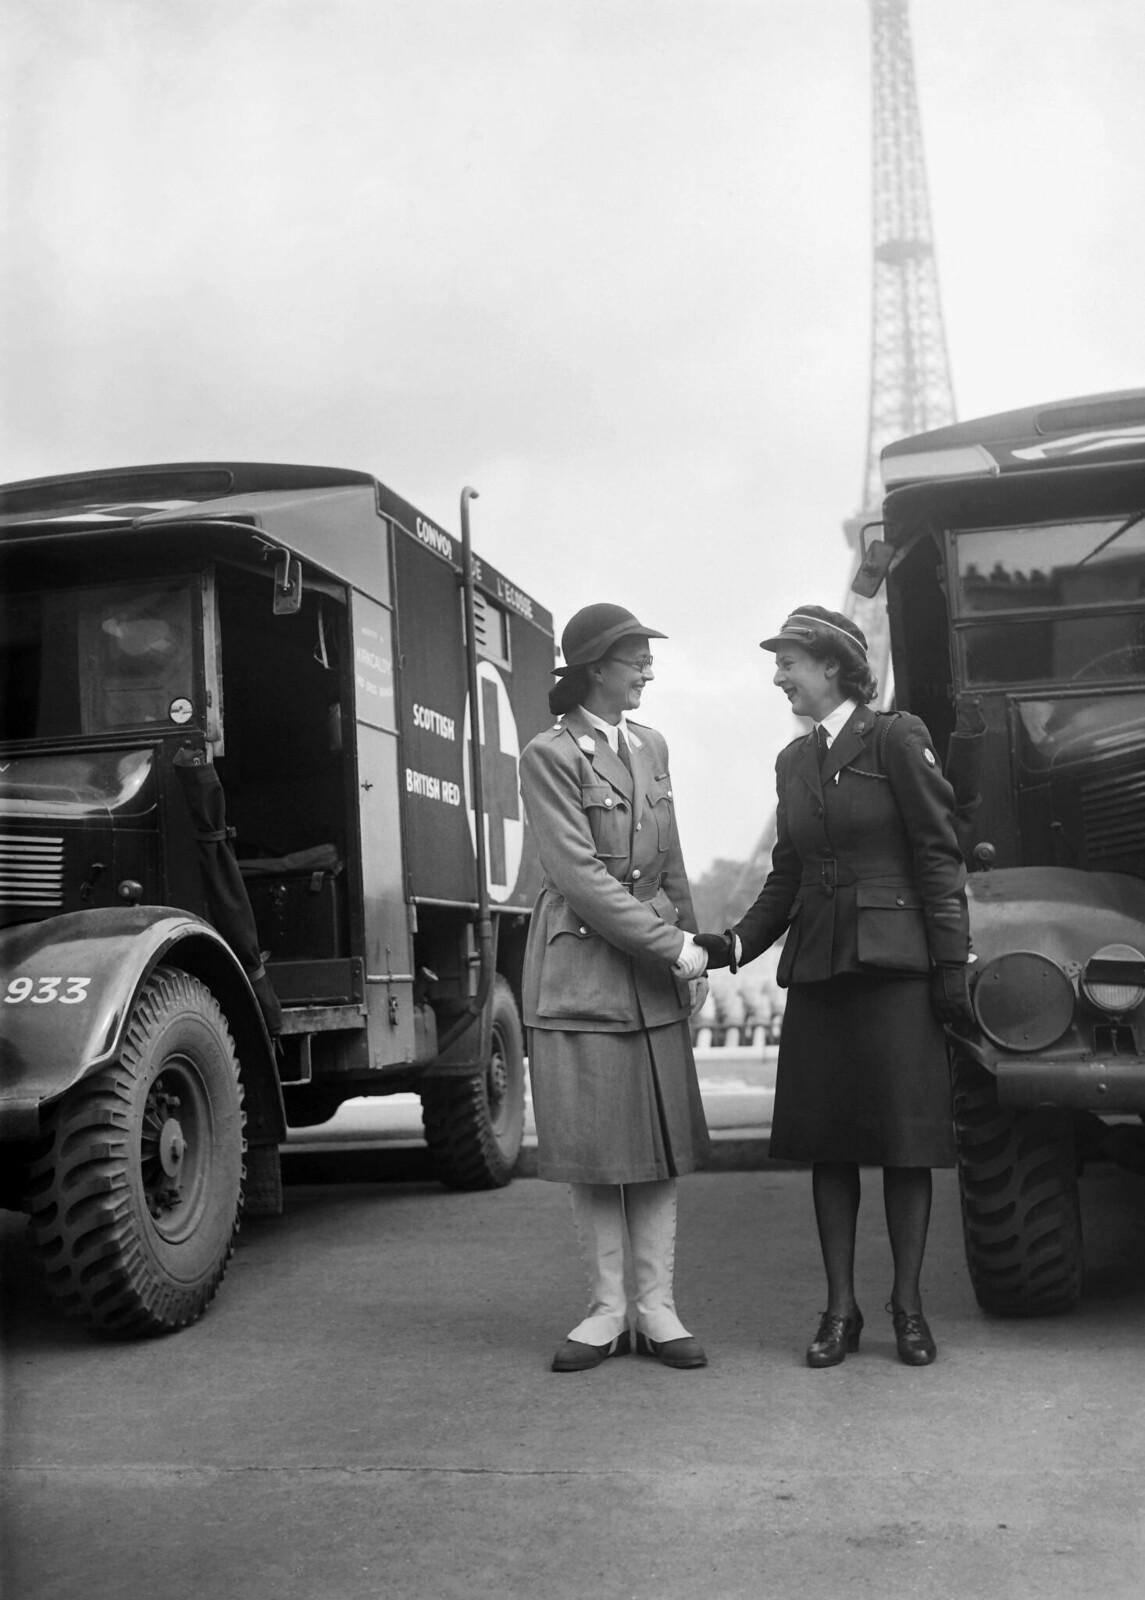 1945. Медсестра из Французского Красного Креста пожимает руку медсестре Шотландского Красного Креста во время церемонии, в ходе которой